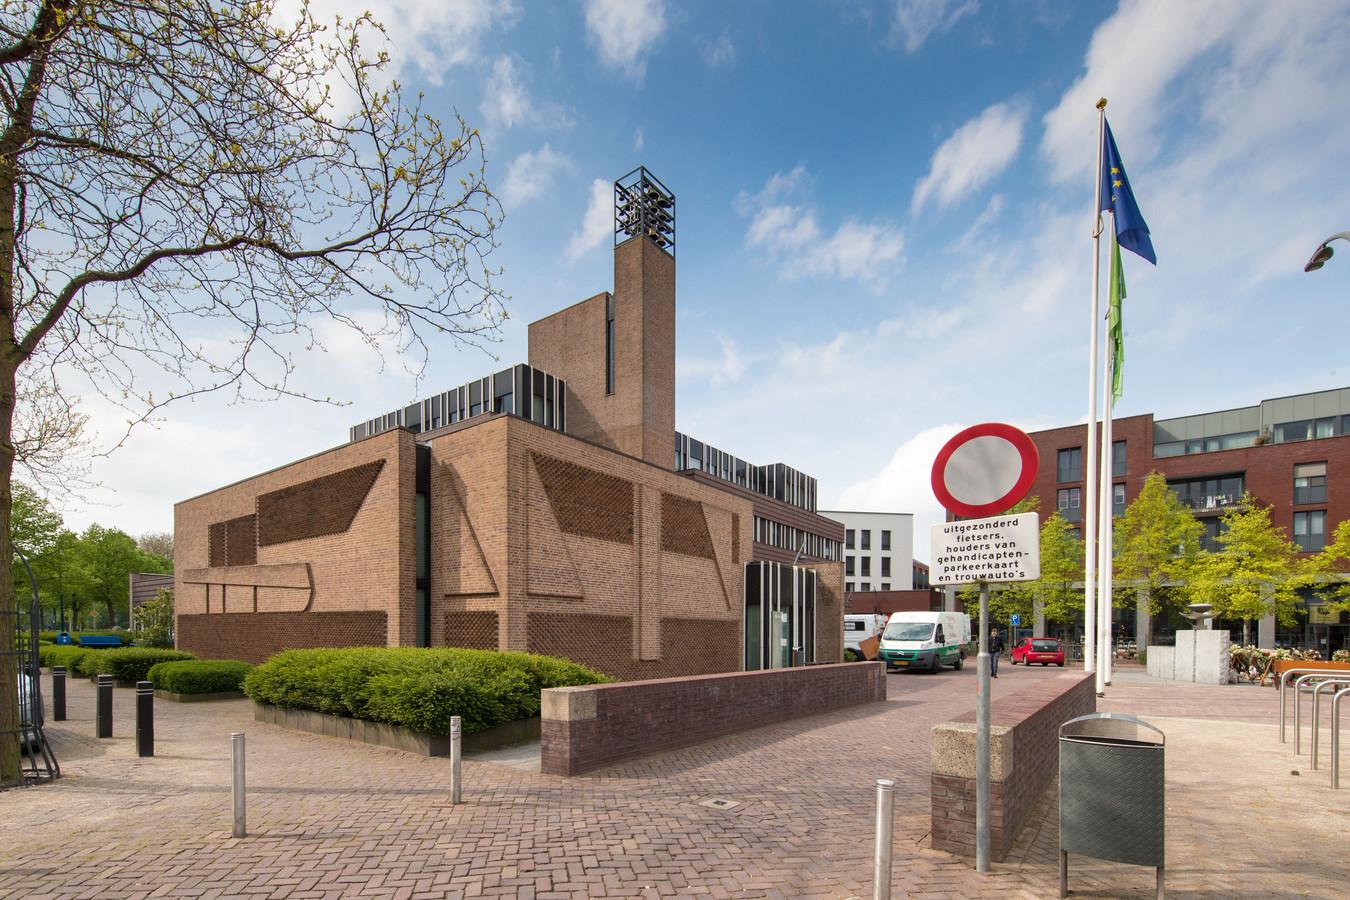 Dronten neemt voor de verbouwing van de raadszaal in het gemeentehuis die van Assen en Hoogeveen als voorbeeld.